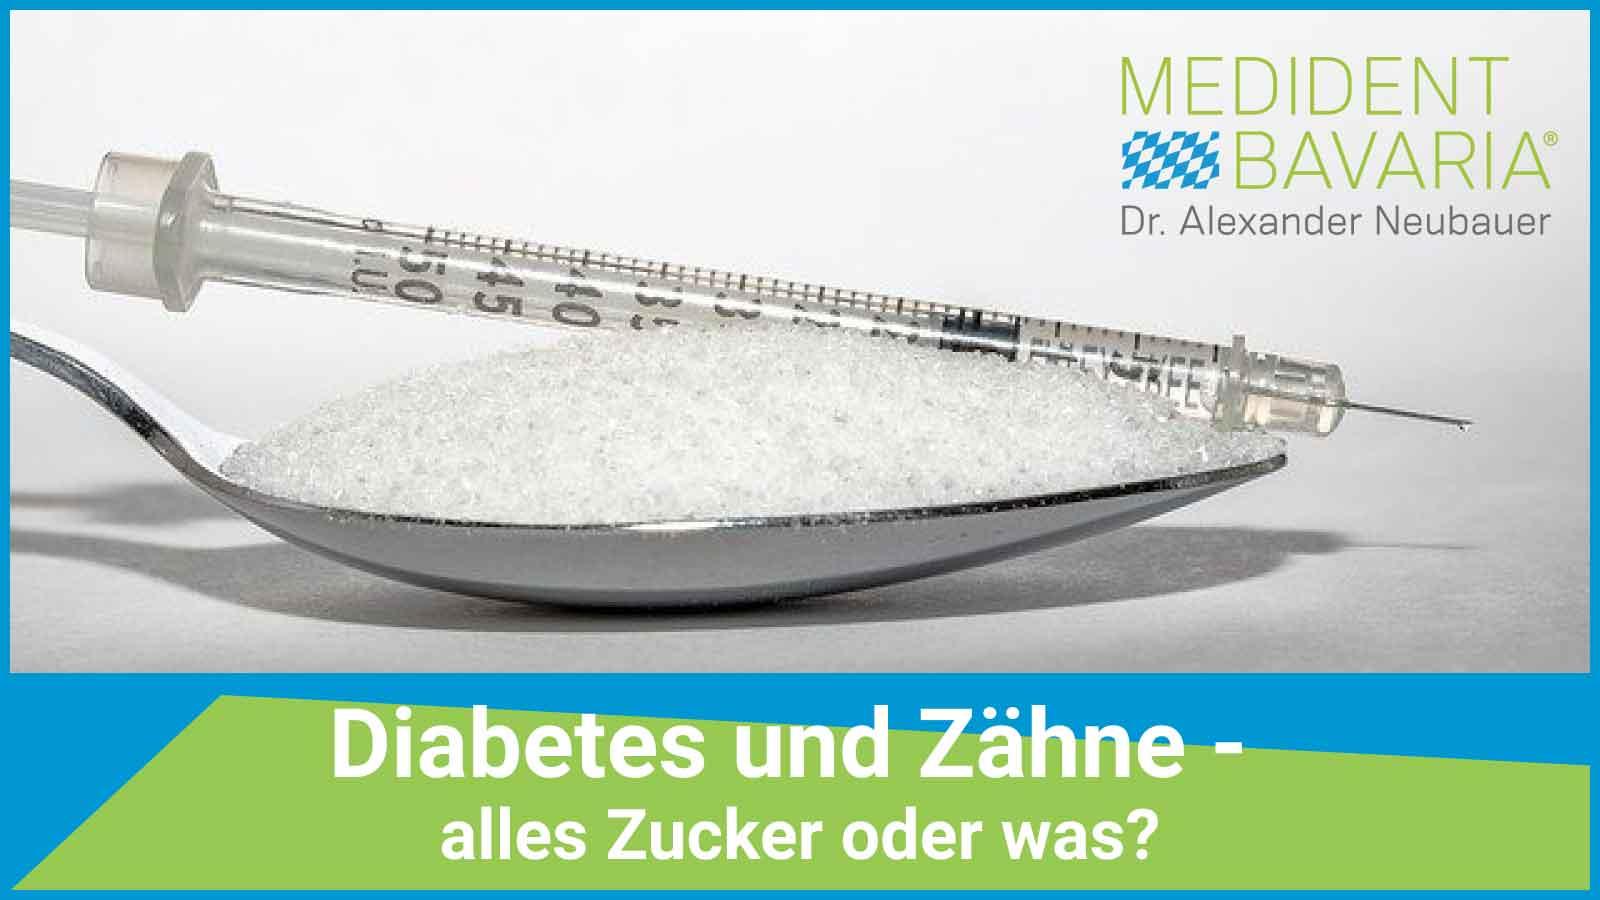 Diabetes und Zähne- alles Zucker oder was?